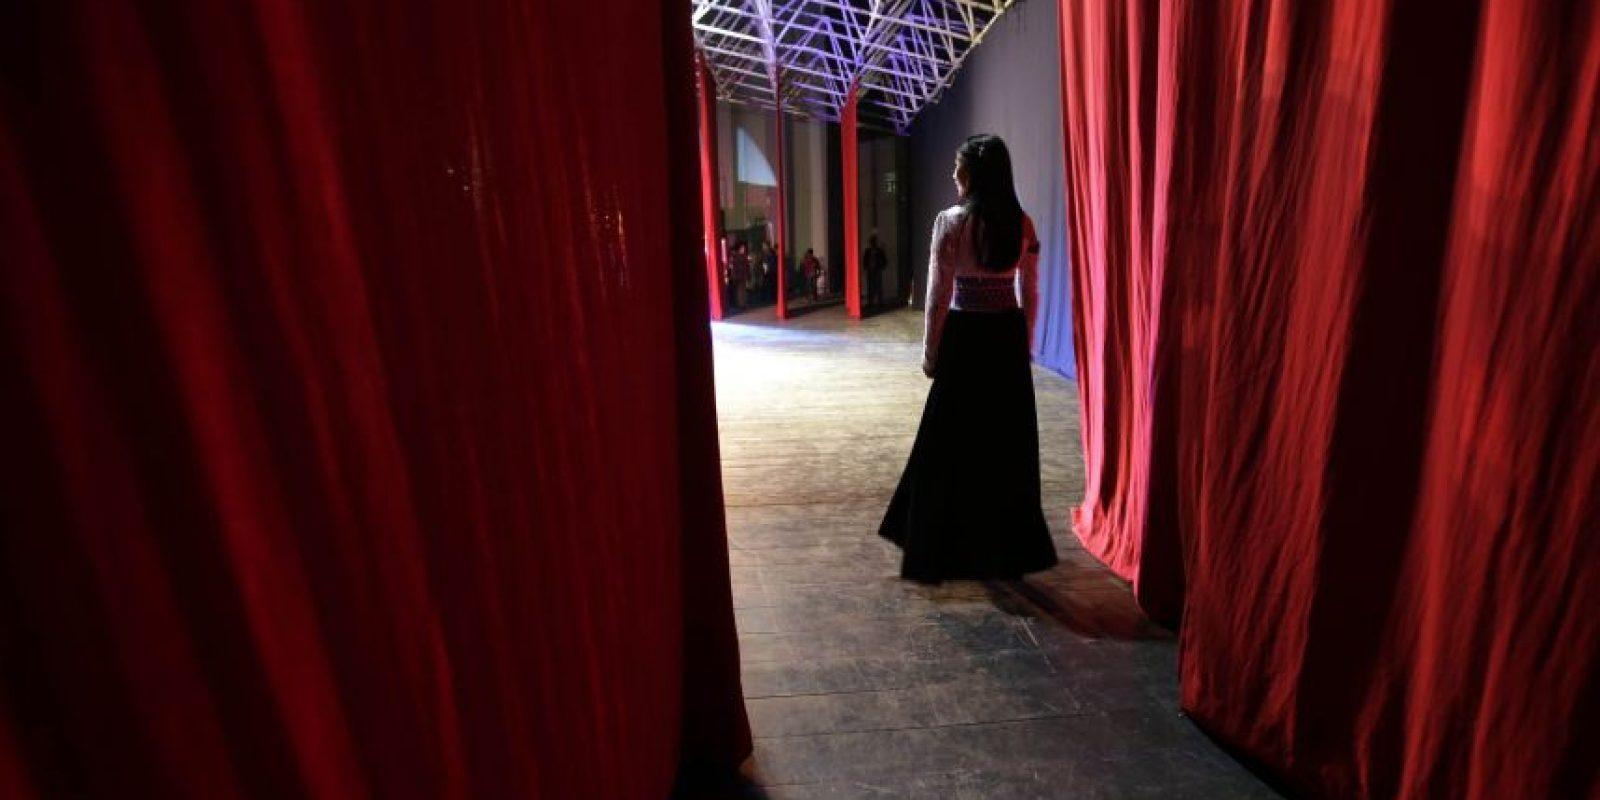 En esta imagen del viernes 22 de mayo de 2015, Amarani Jeres, india salasaka, camina por el escenario mientras compite en la categoría de vestido nativo estilizado durante el concurso de belleza Reina Indígena en el teatro Casa de la Cultura en Quito, Ecuador. Las participantes deben pertenecer a una comunidad indígena y dominar una lengua nativa. Foto:AP Foto/Dolores Ochoa